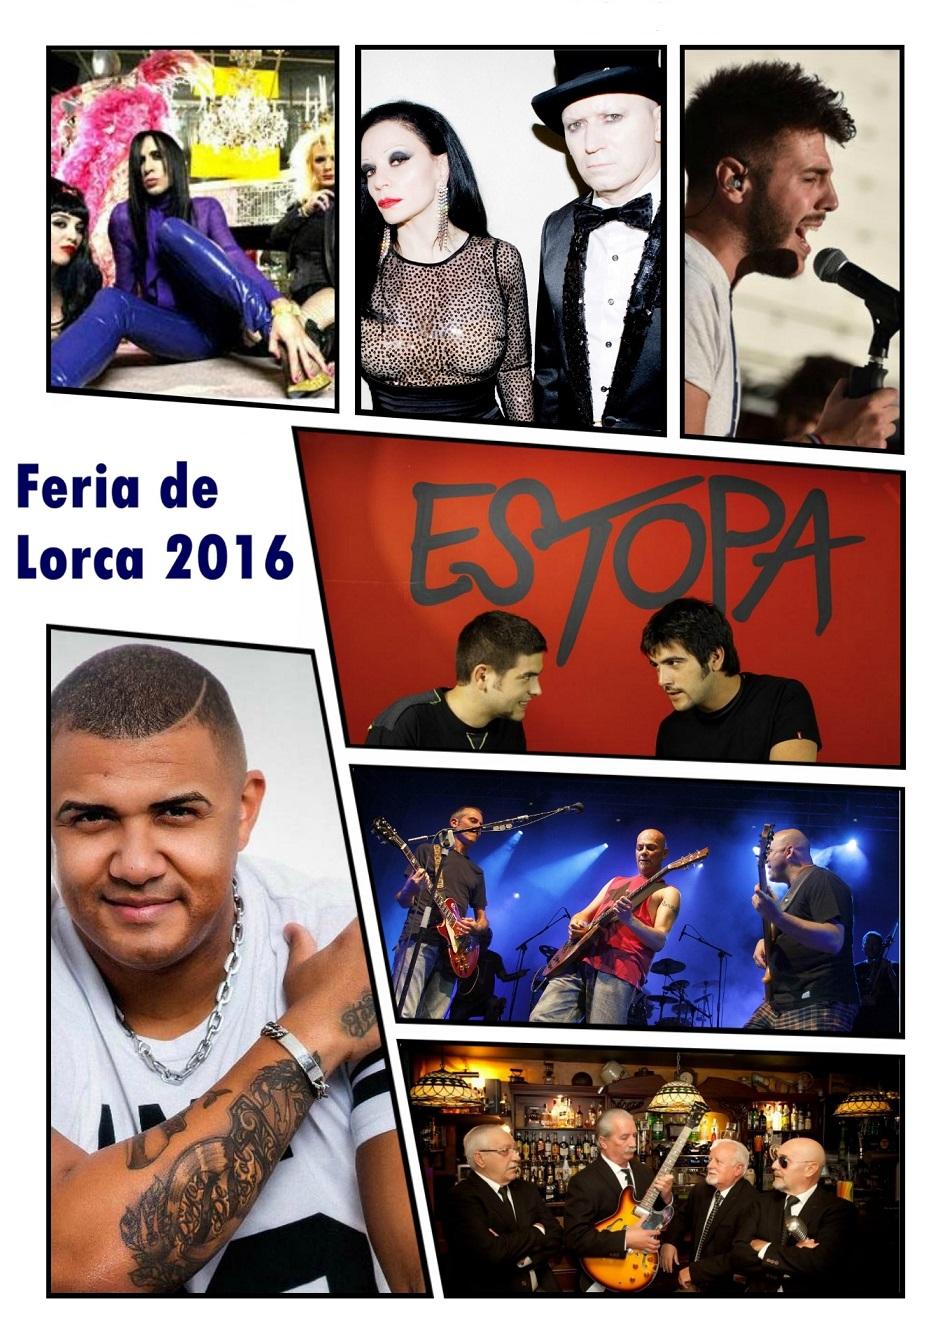 FERIA-DE-LORCA 2016